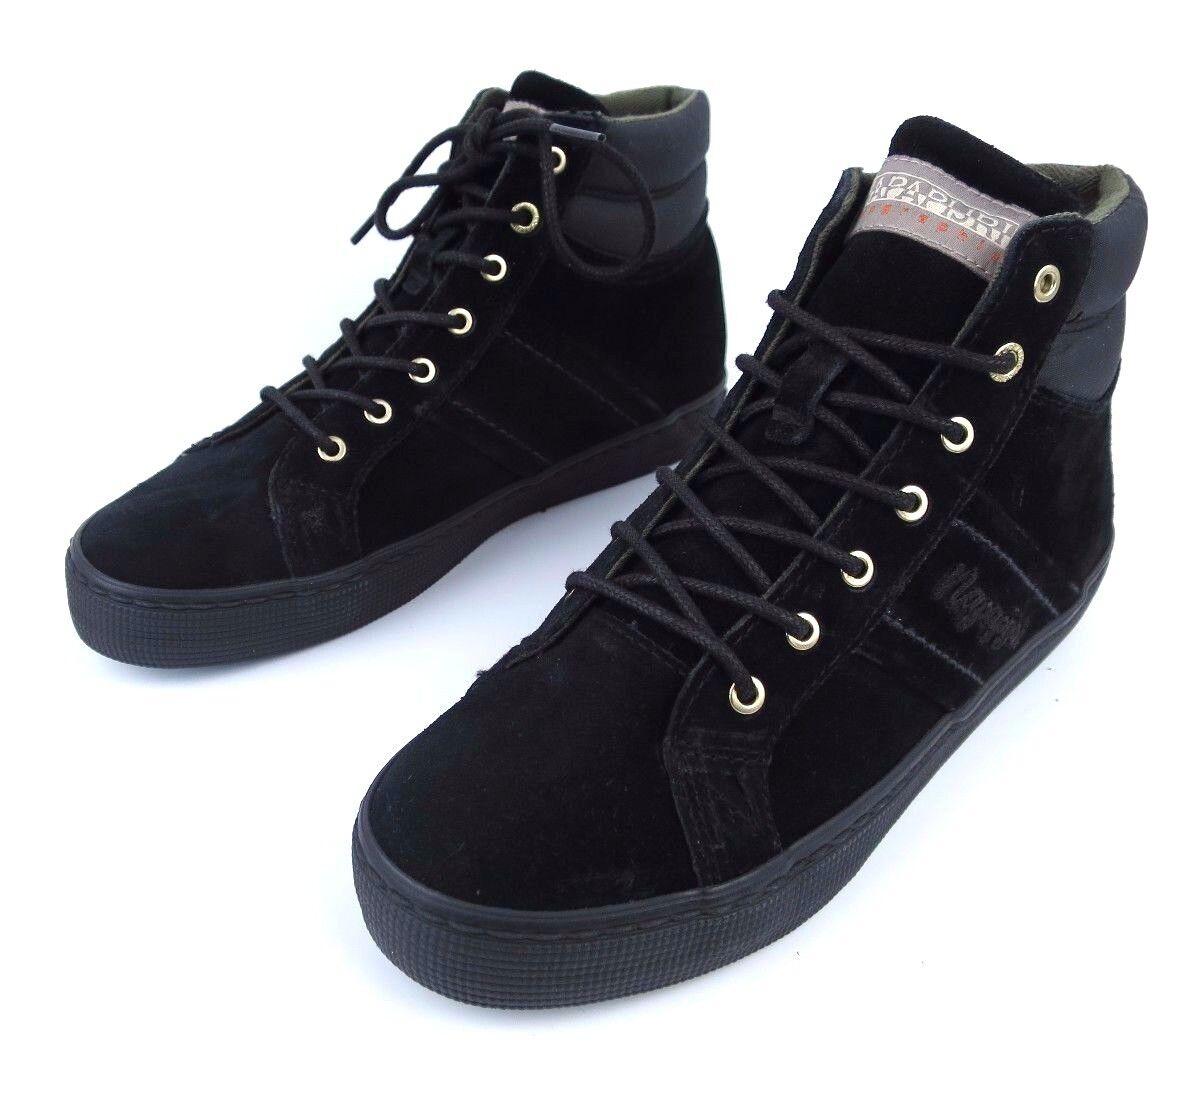 Napapijri señora sneakers botines botas zapatos Ellen-gr 36 nuevo New